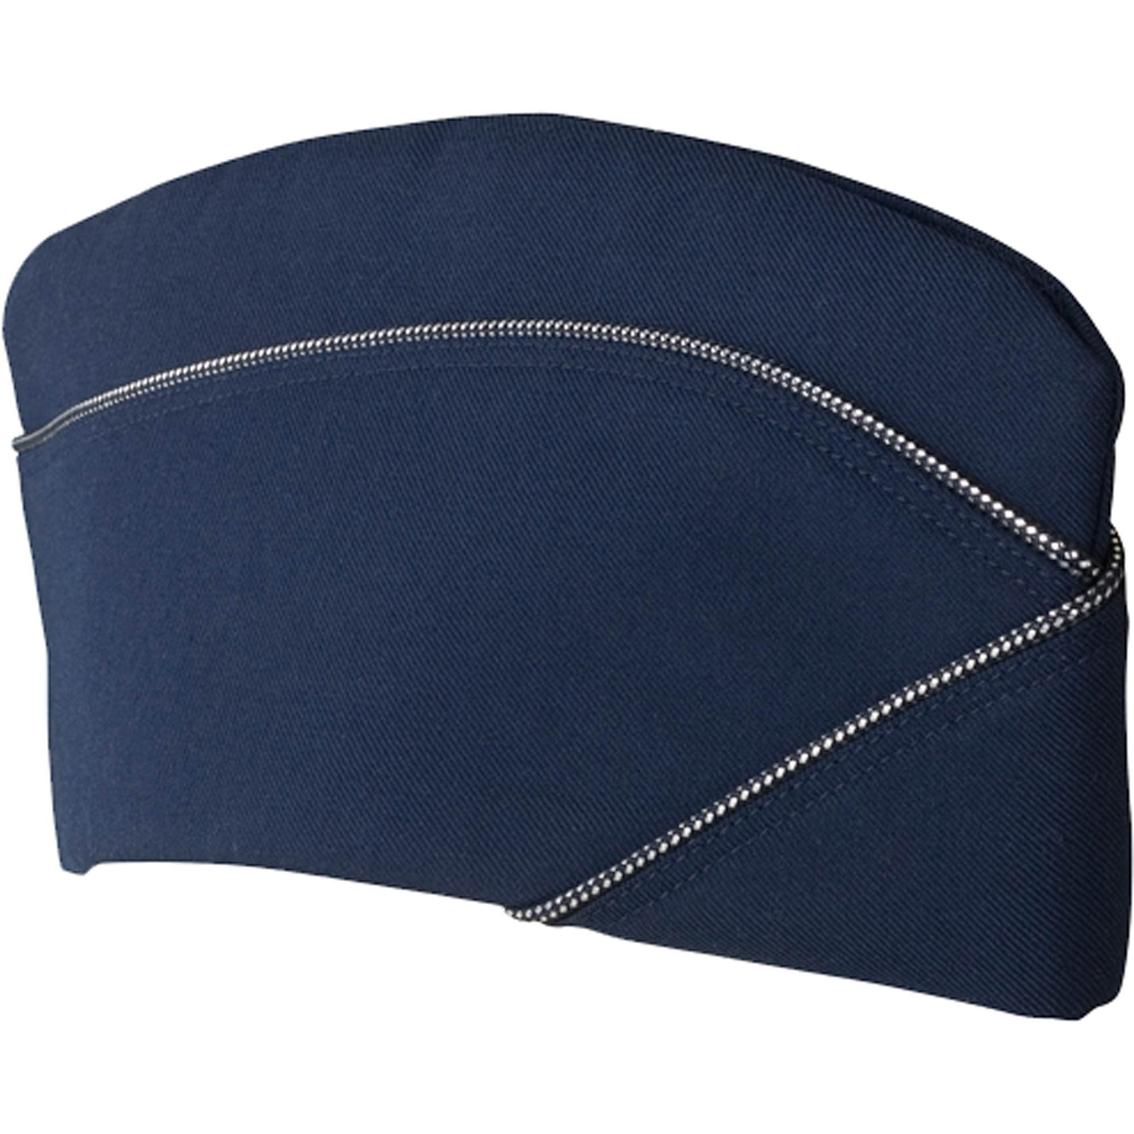 Air Force Officer Flight Cap Headgear Military Shop